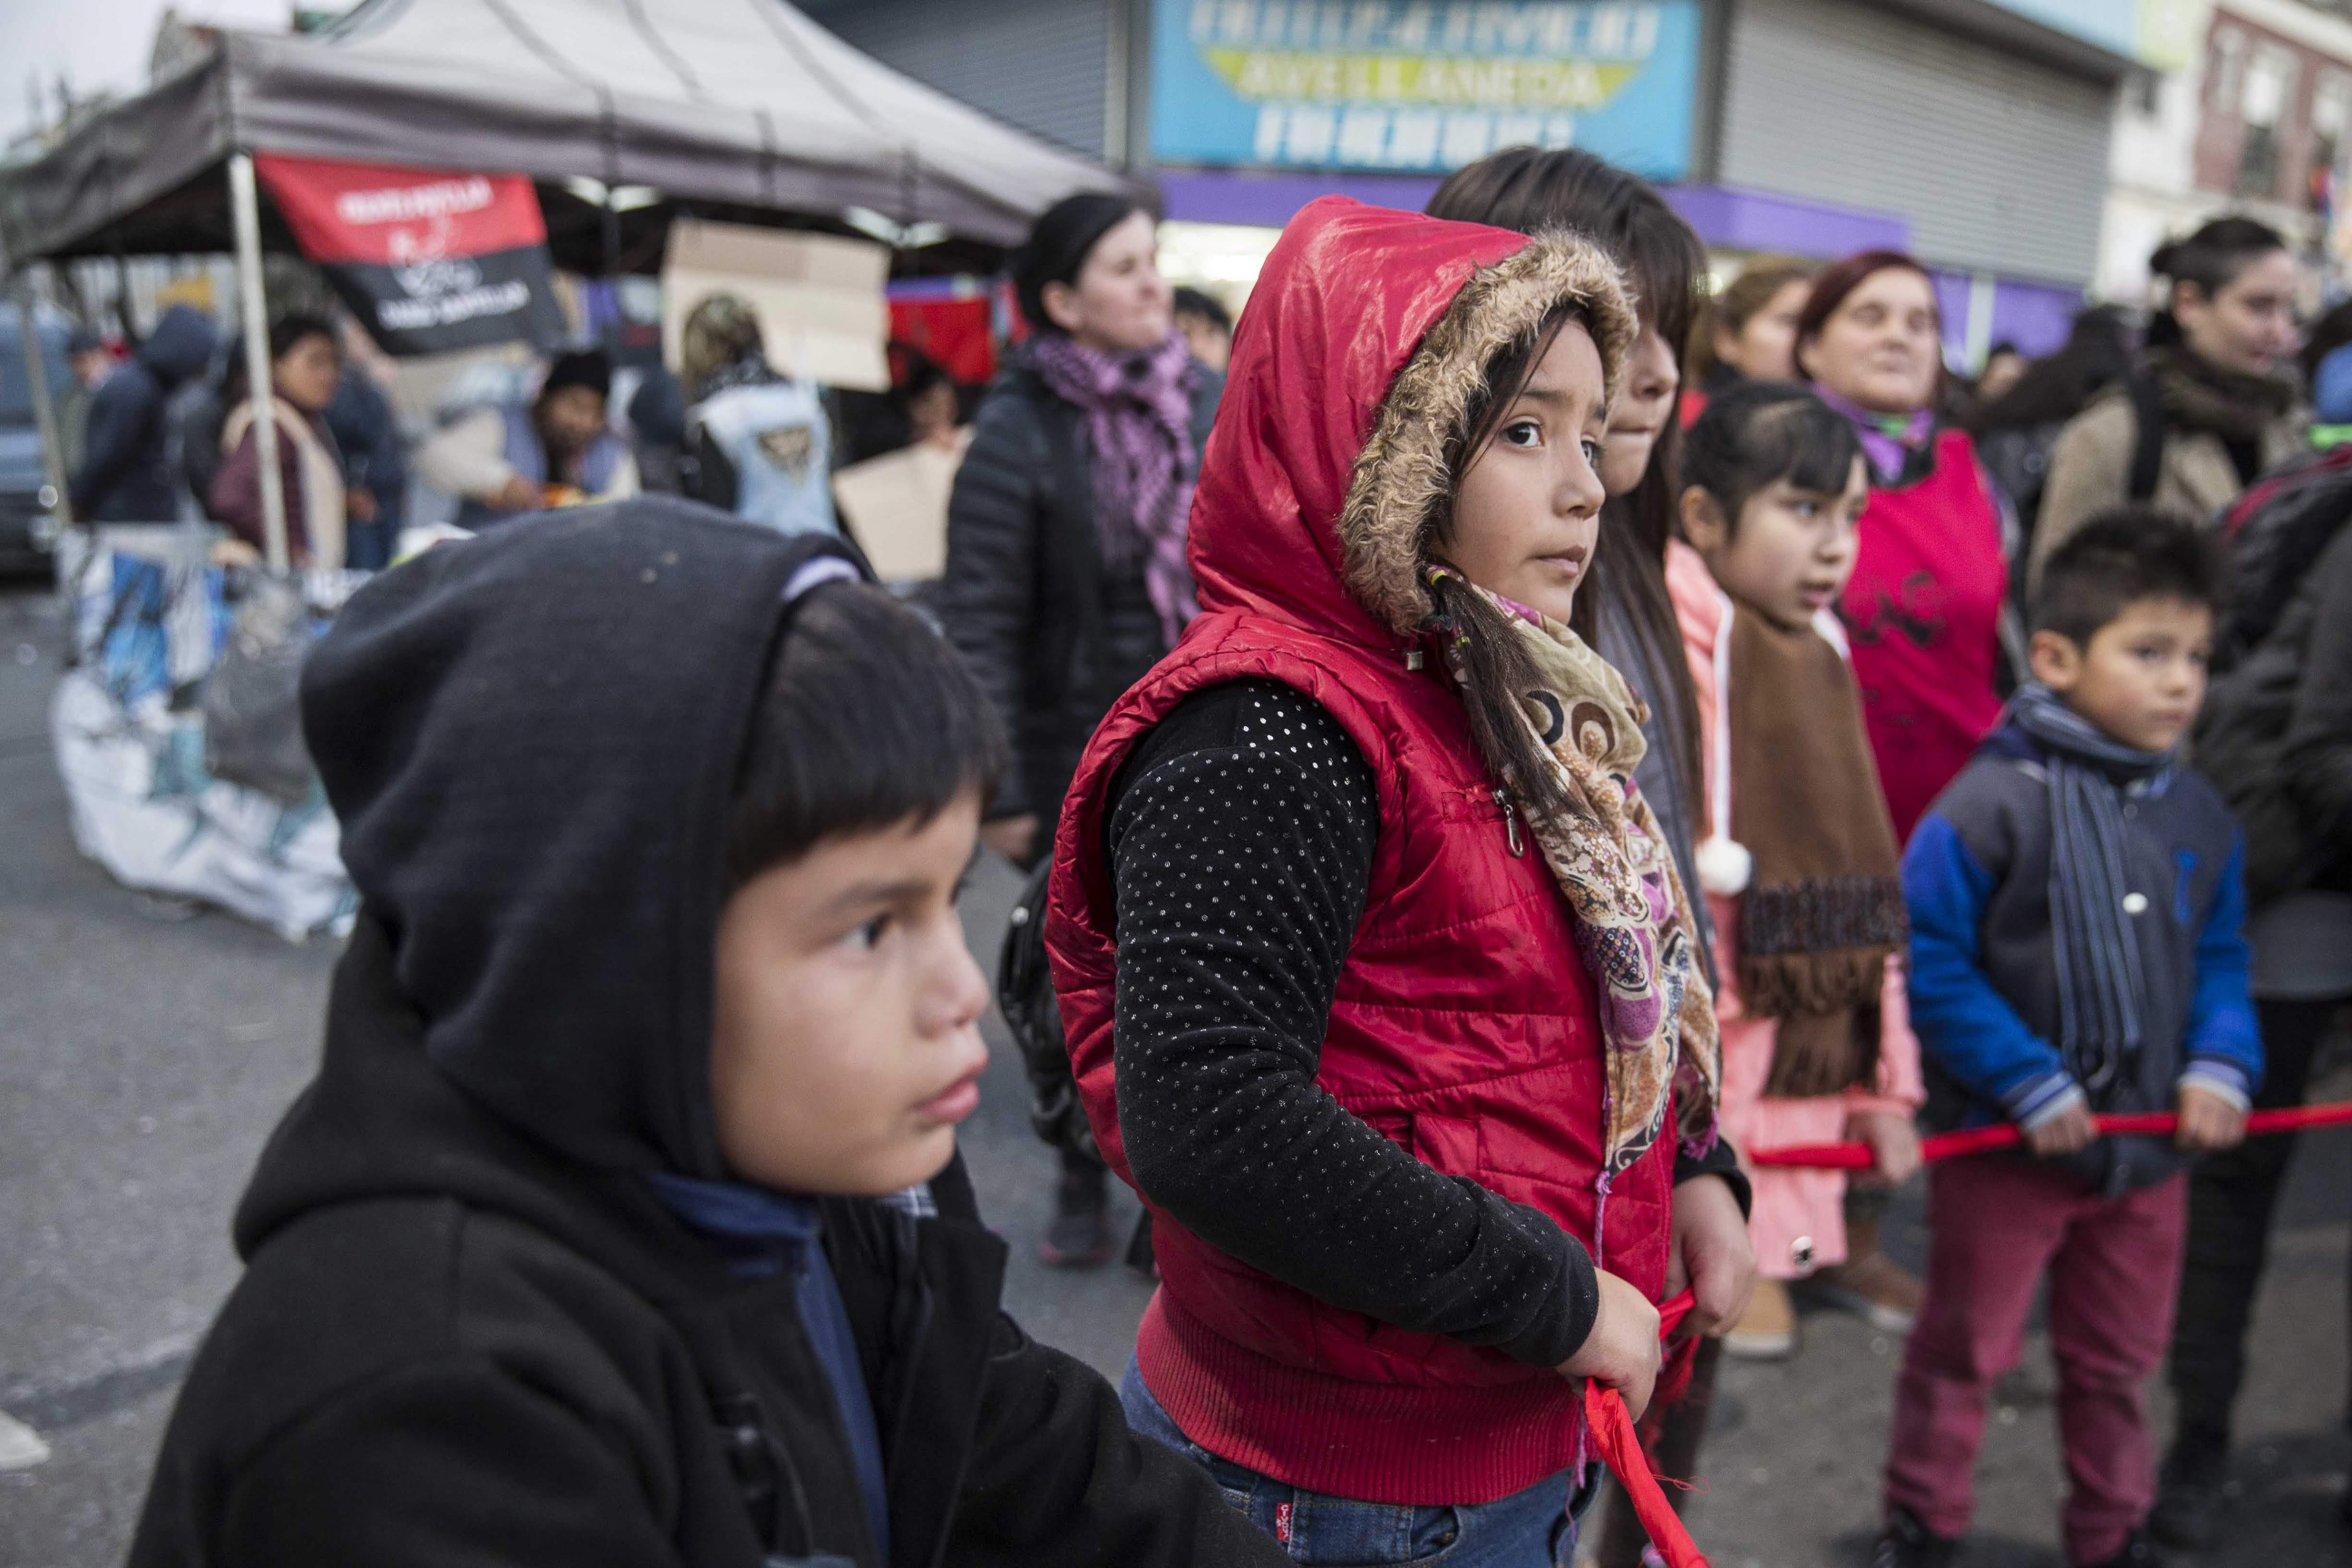 La niñez no es ajena a las políticas de saqueo y hambre